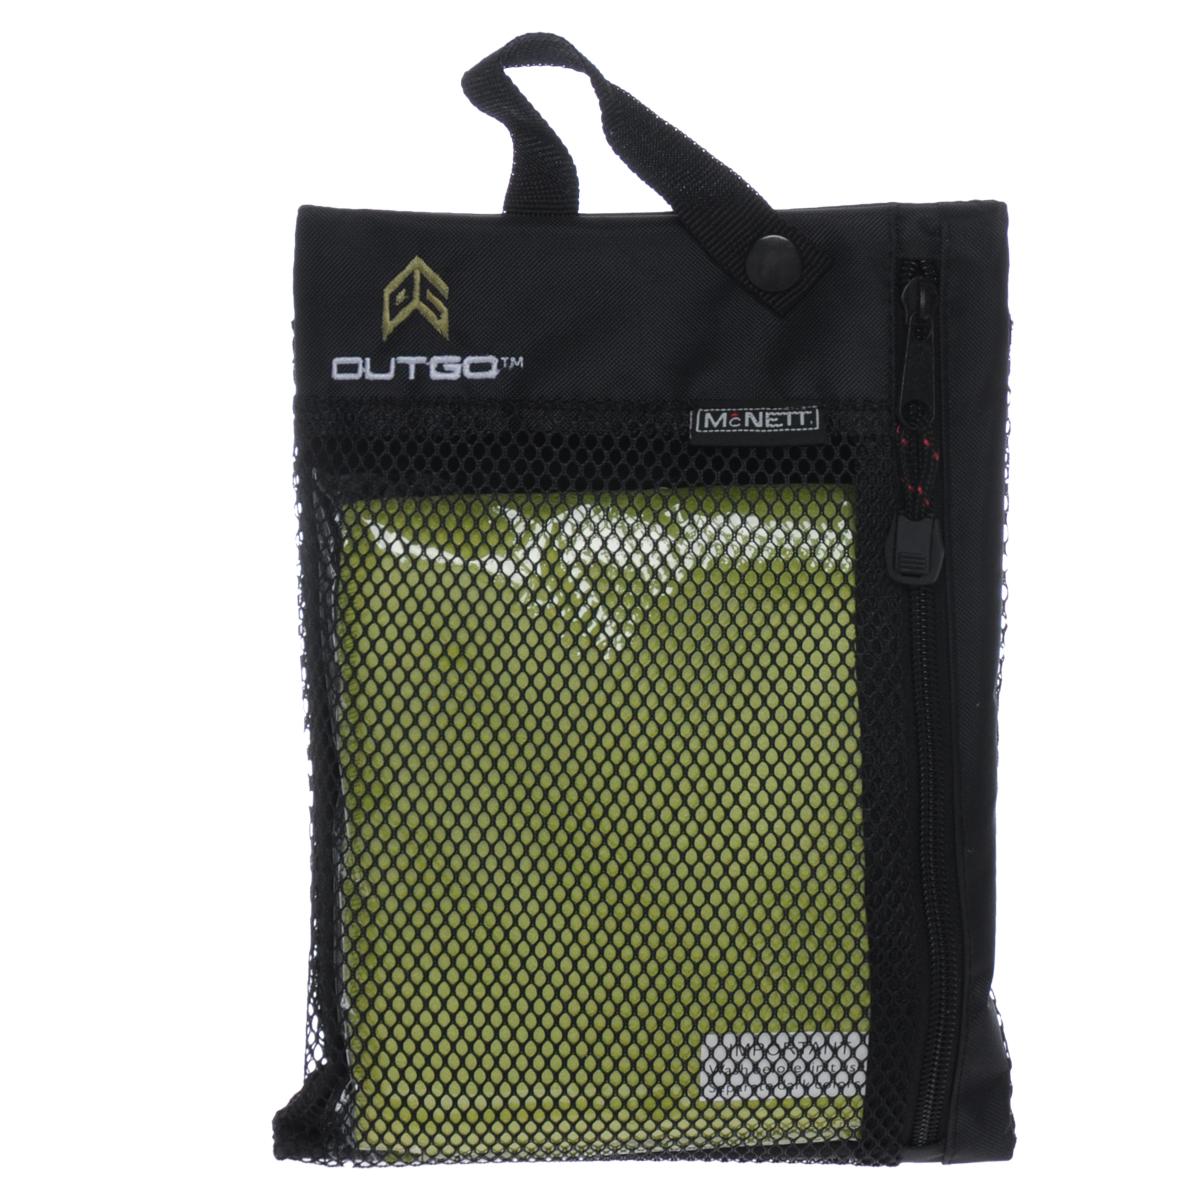 Полотенце McNett Outgo, цвет: зеленый, 77 см х 128 смMN 68155Микроволоконное полотенце McNett Outgo - это специально разработанная высокоплотная вязаная чрезвычайно компактная ткань с абсолютно уникальными впитывающими и чистящими свойствами. Сверхтонкие (0.2 денье) микроволоконные сплетения быстро сохнут - 90% воды удаляется при ручном отжиме. Приятное на ощупь, обладающее уникальными свойствами микроволокон, полотенце McNett Outgo идеально подойдет любителям различных поездок, походов и водных видов спорта. В комплекте удобный чехол, выполненный из сетки с водоотталкивающей подкладкой.